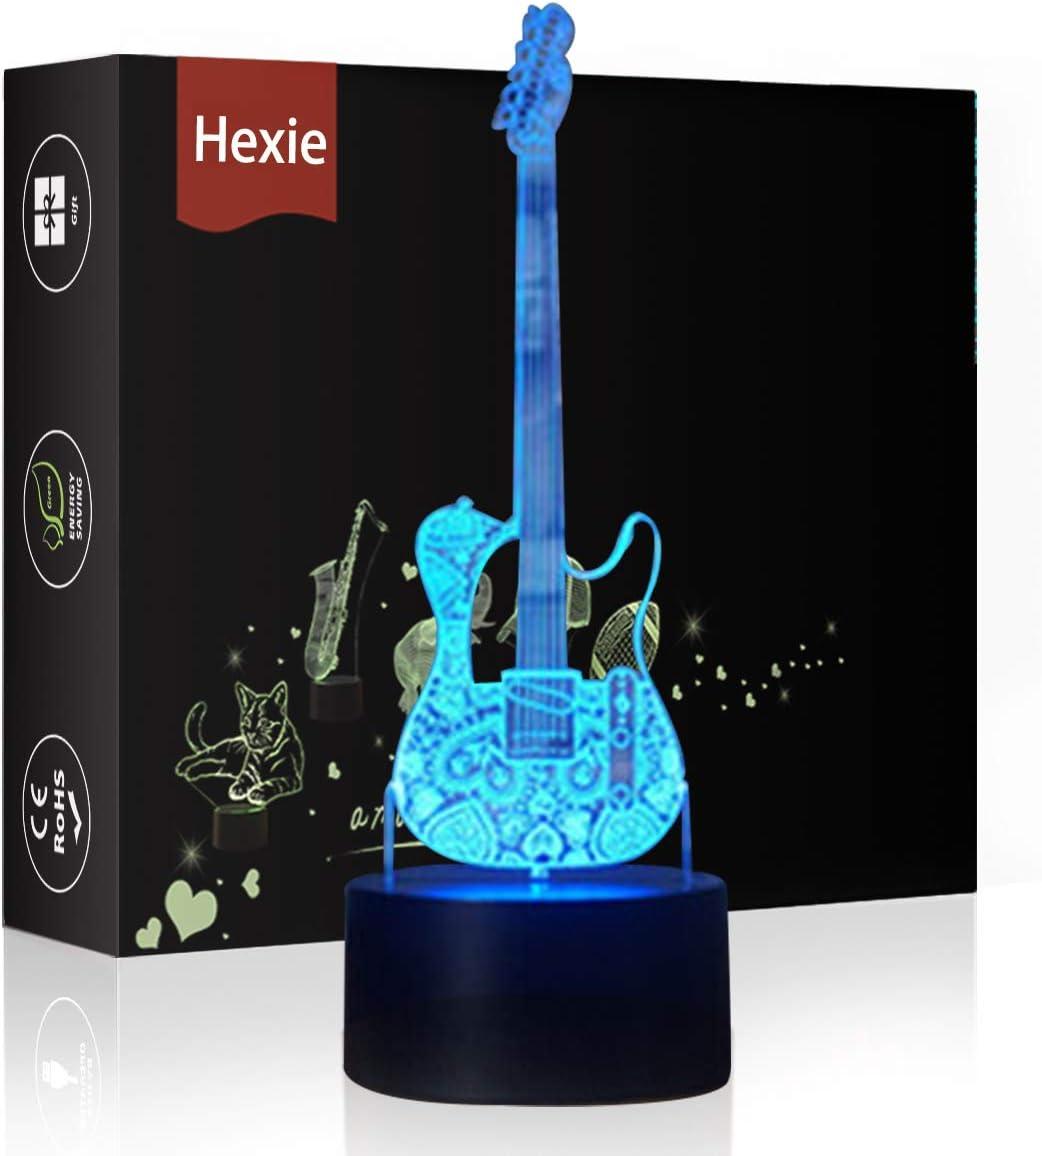 Lámpara de mesilla de noche con luces LED 3D Hexie, iluminación de 7colores cambiante con botón táctil, regalo creativo, decoración ideal (guitarra)